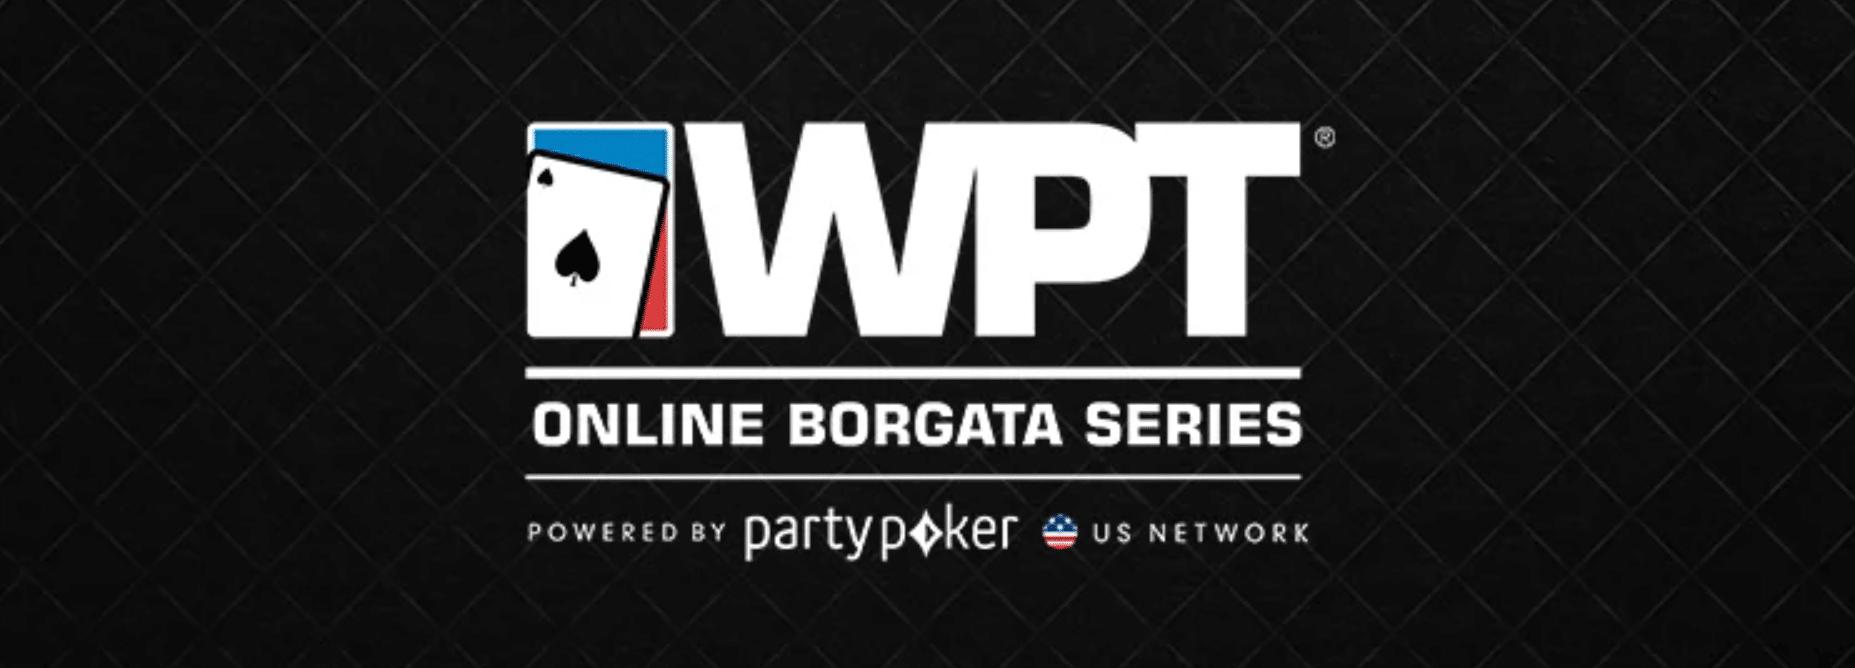 Сеть partypoker в США запускает масштабную акцию к новой серии WPT Borgata